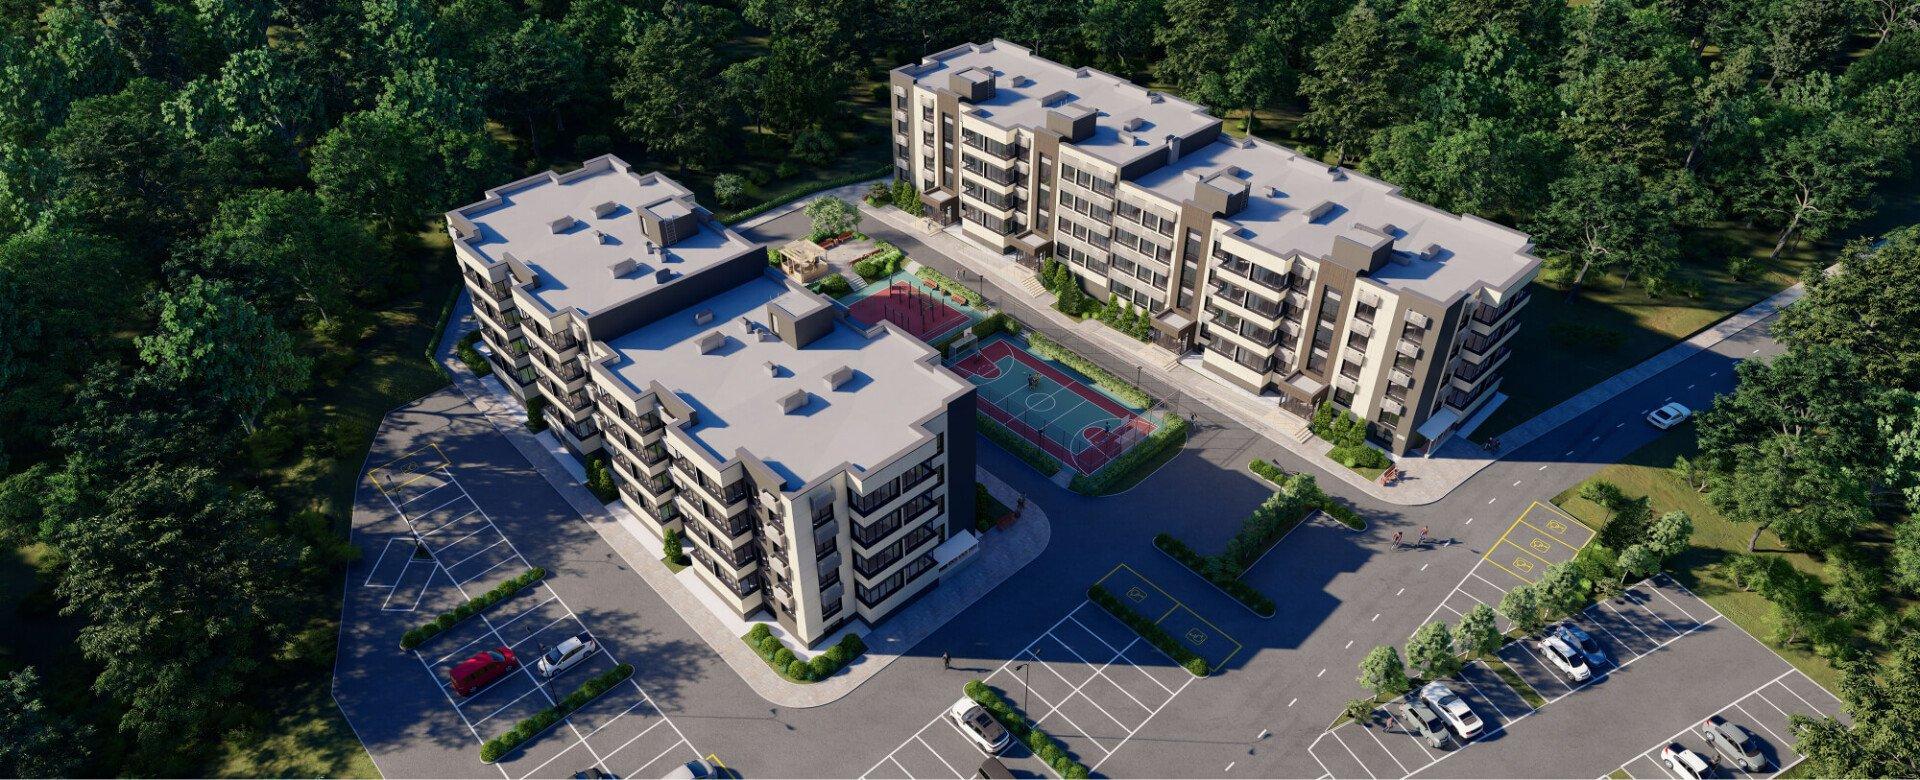 Жилой комплекс расположен в зеленом лесном районе Владивостока